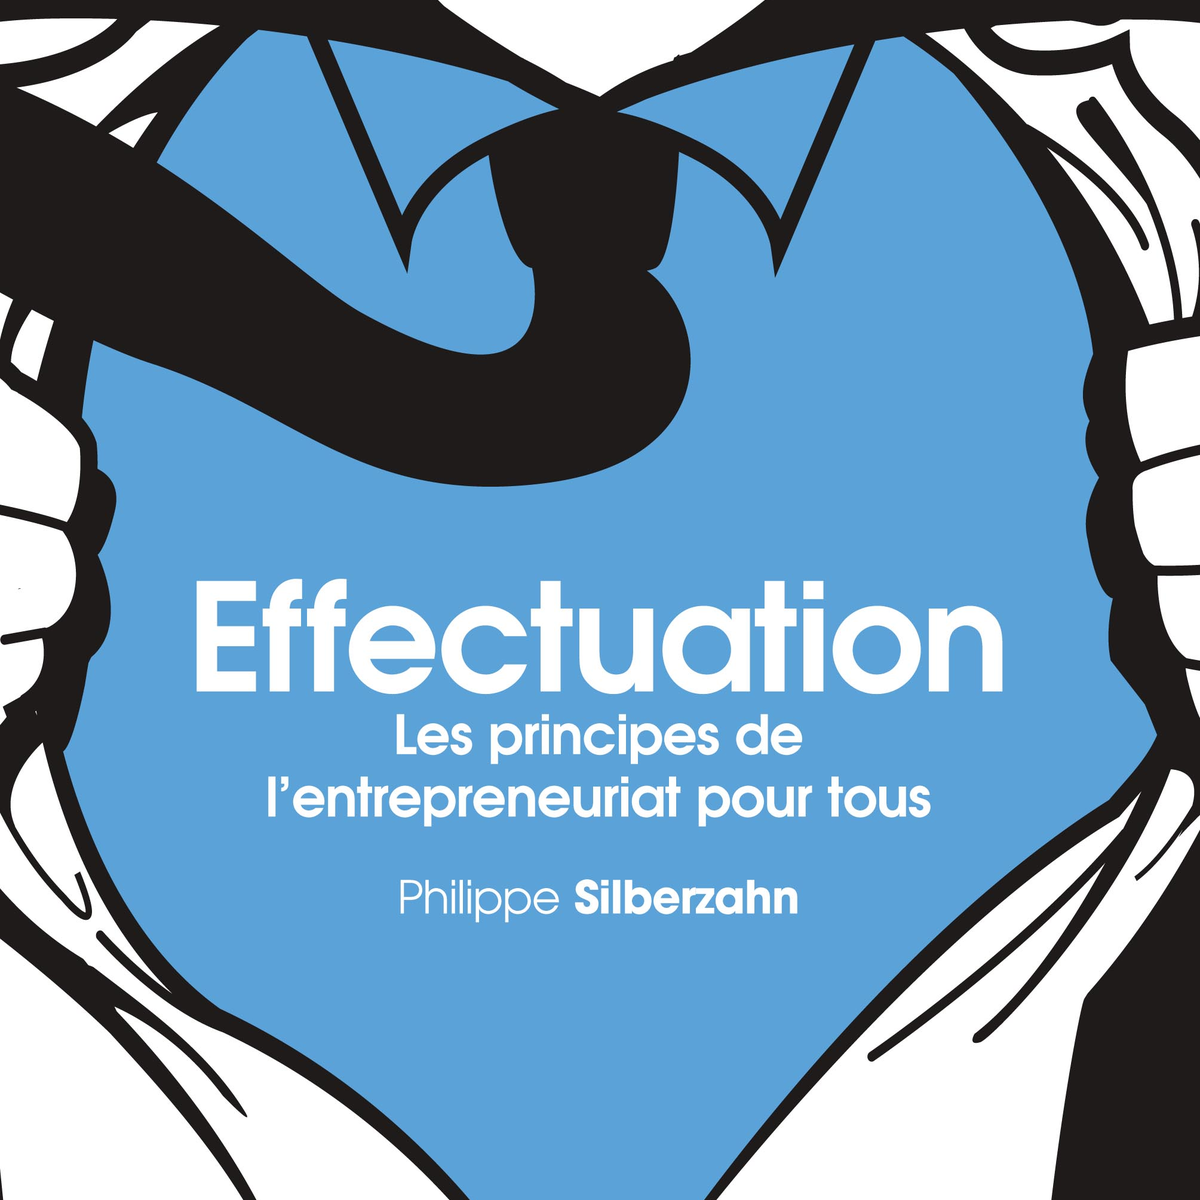 Effectuation : l'entrepreneuriat pour tous course image